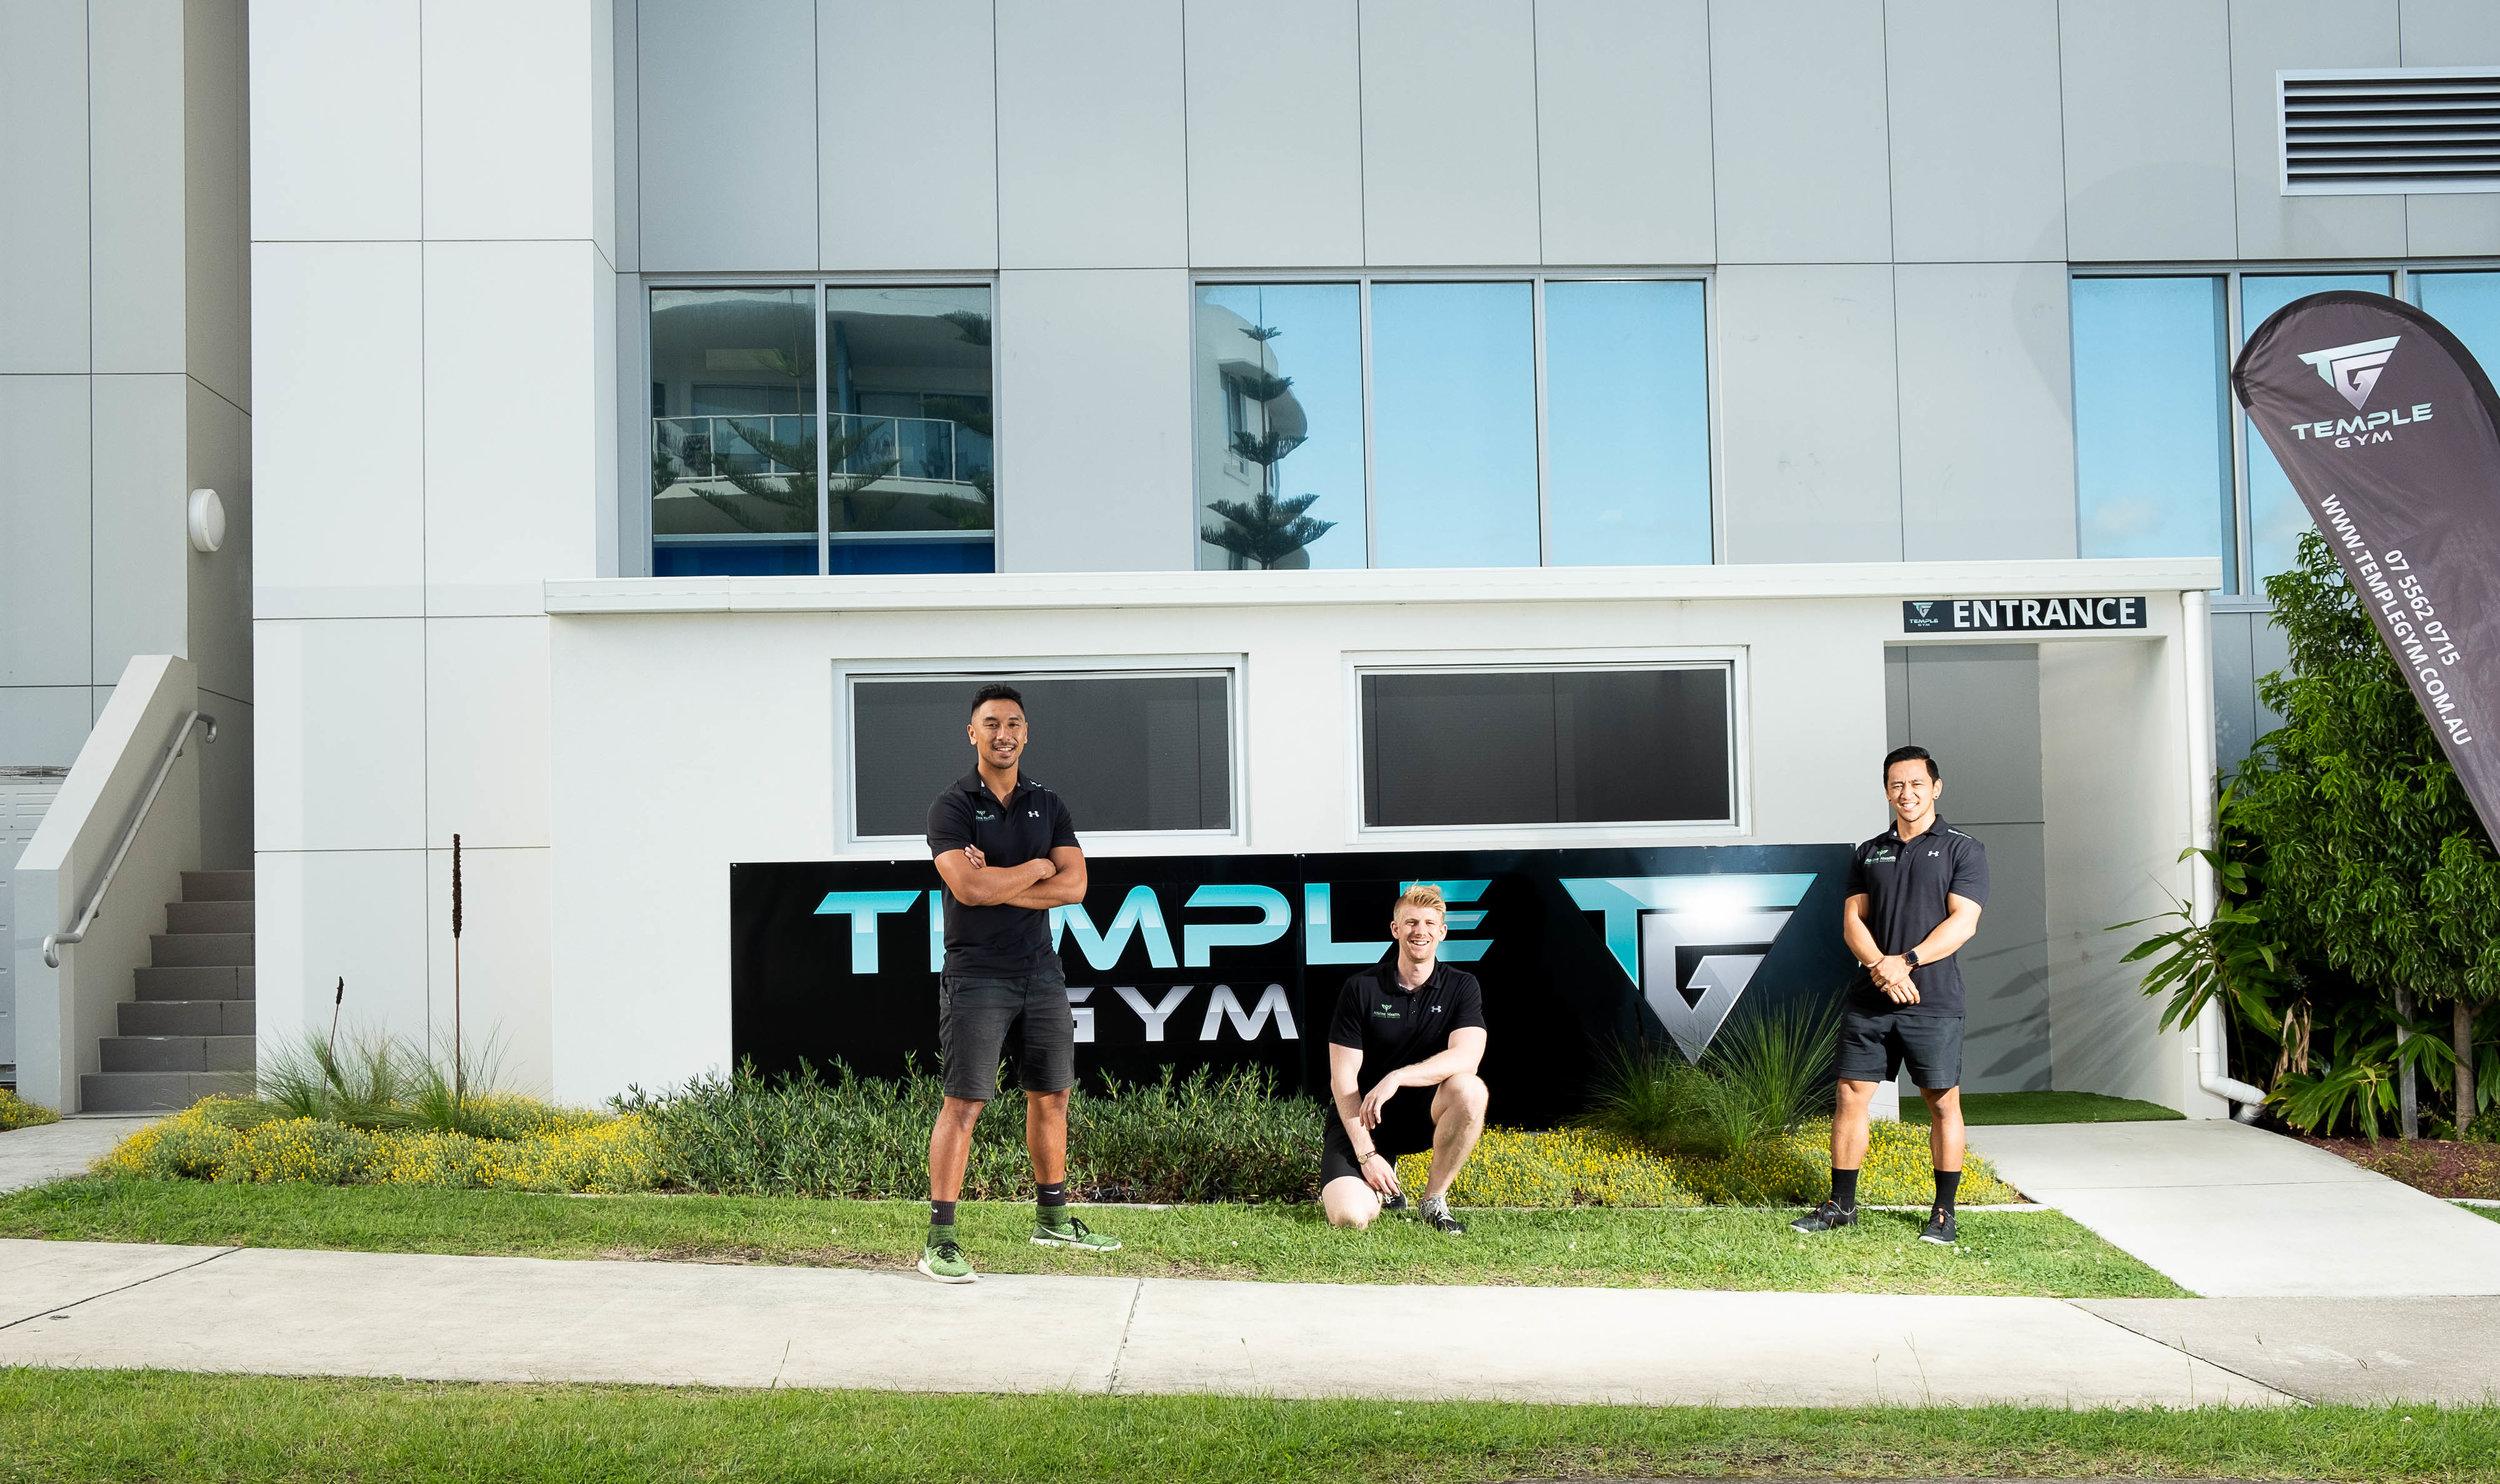 Temple Team.jpg